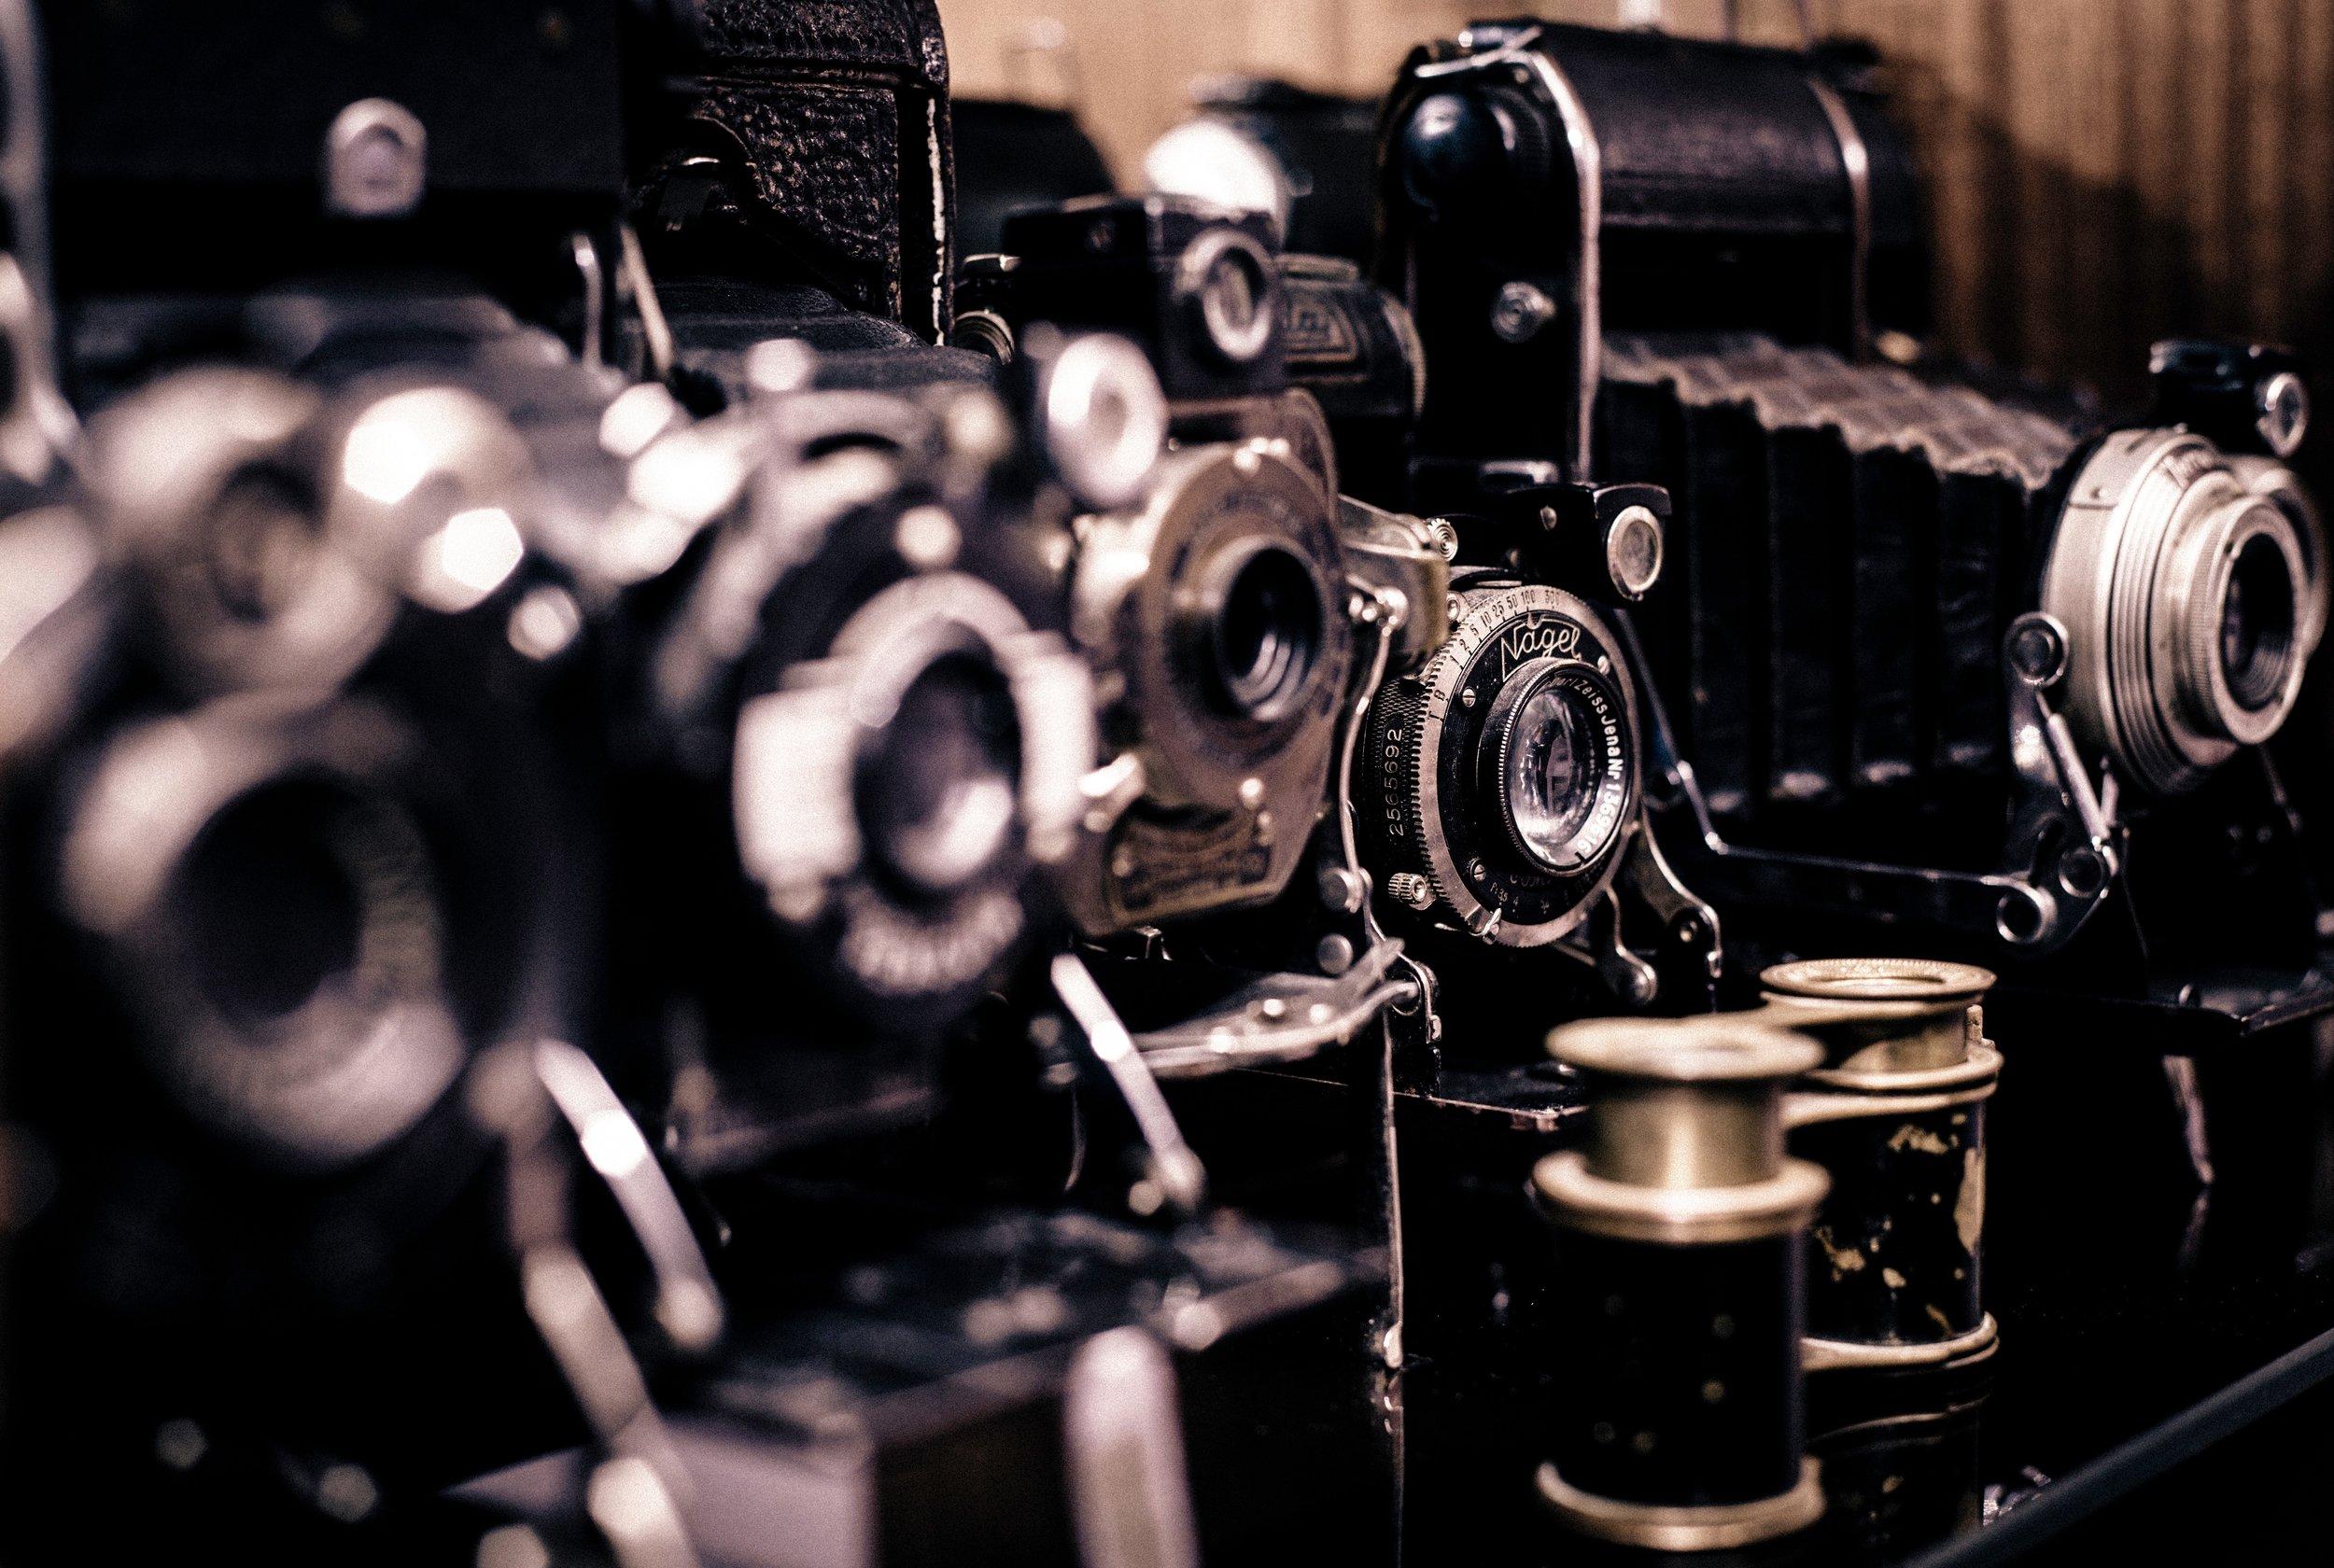 Vintage cameras from Unsplash, Mario Calvo.